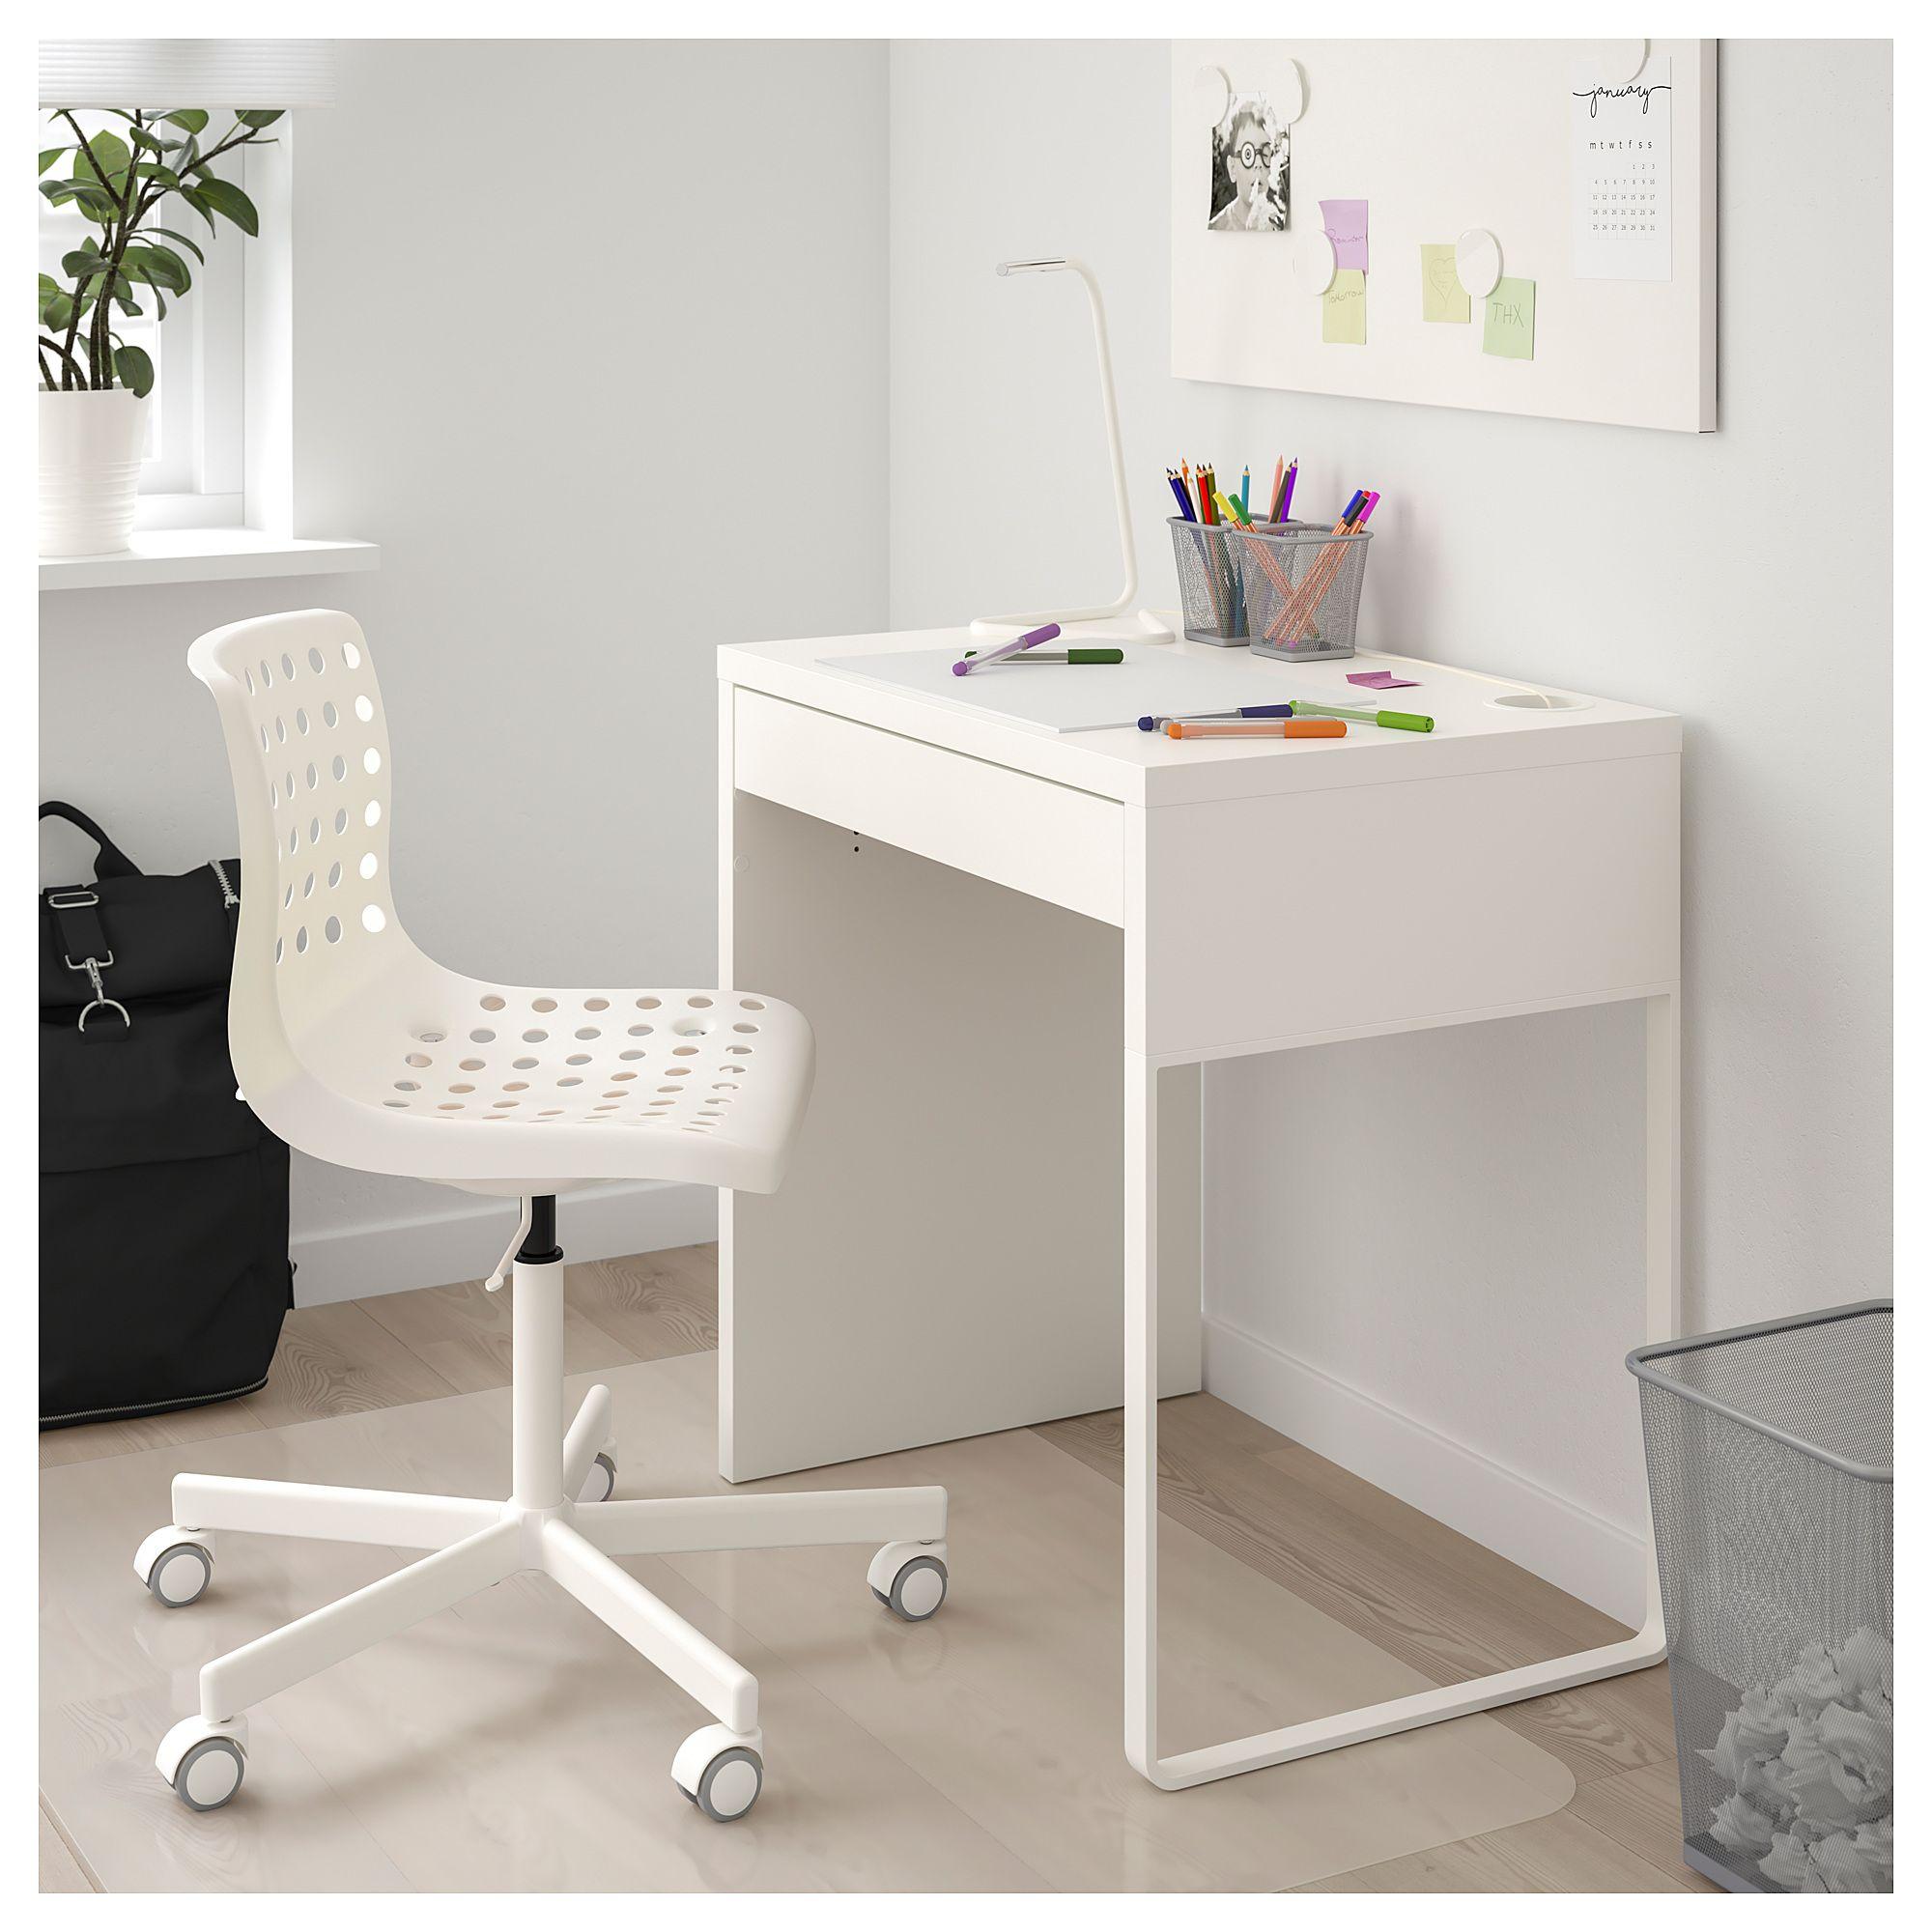 Ikea Micke Desk White Small White Desk Micke Desk Ikea Micke Desk